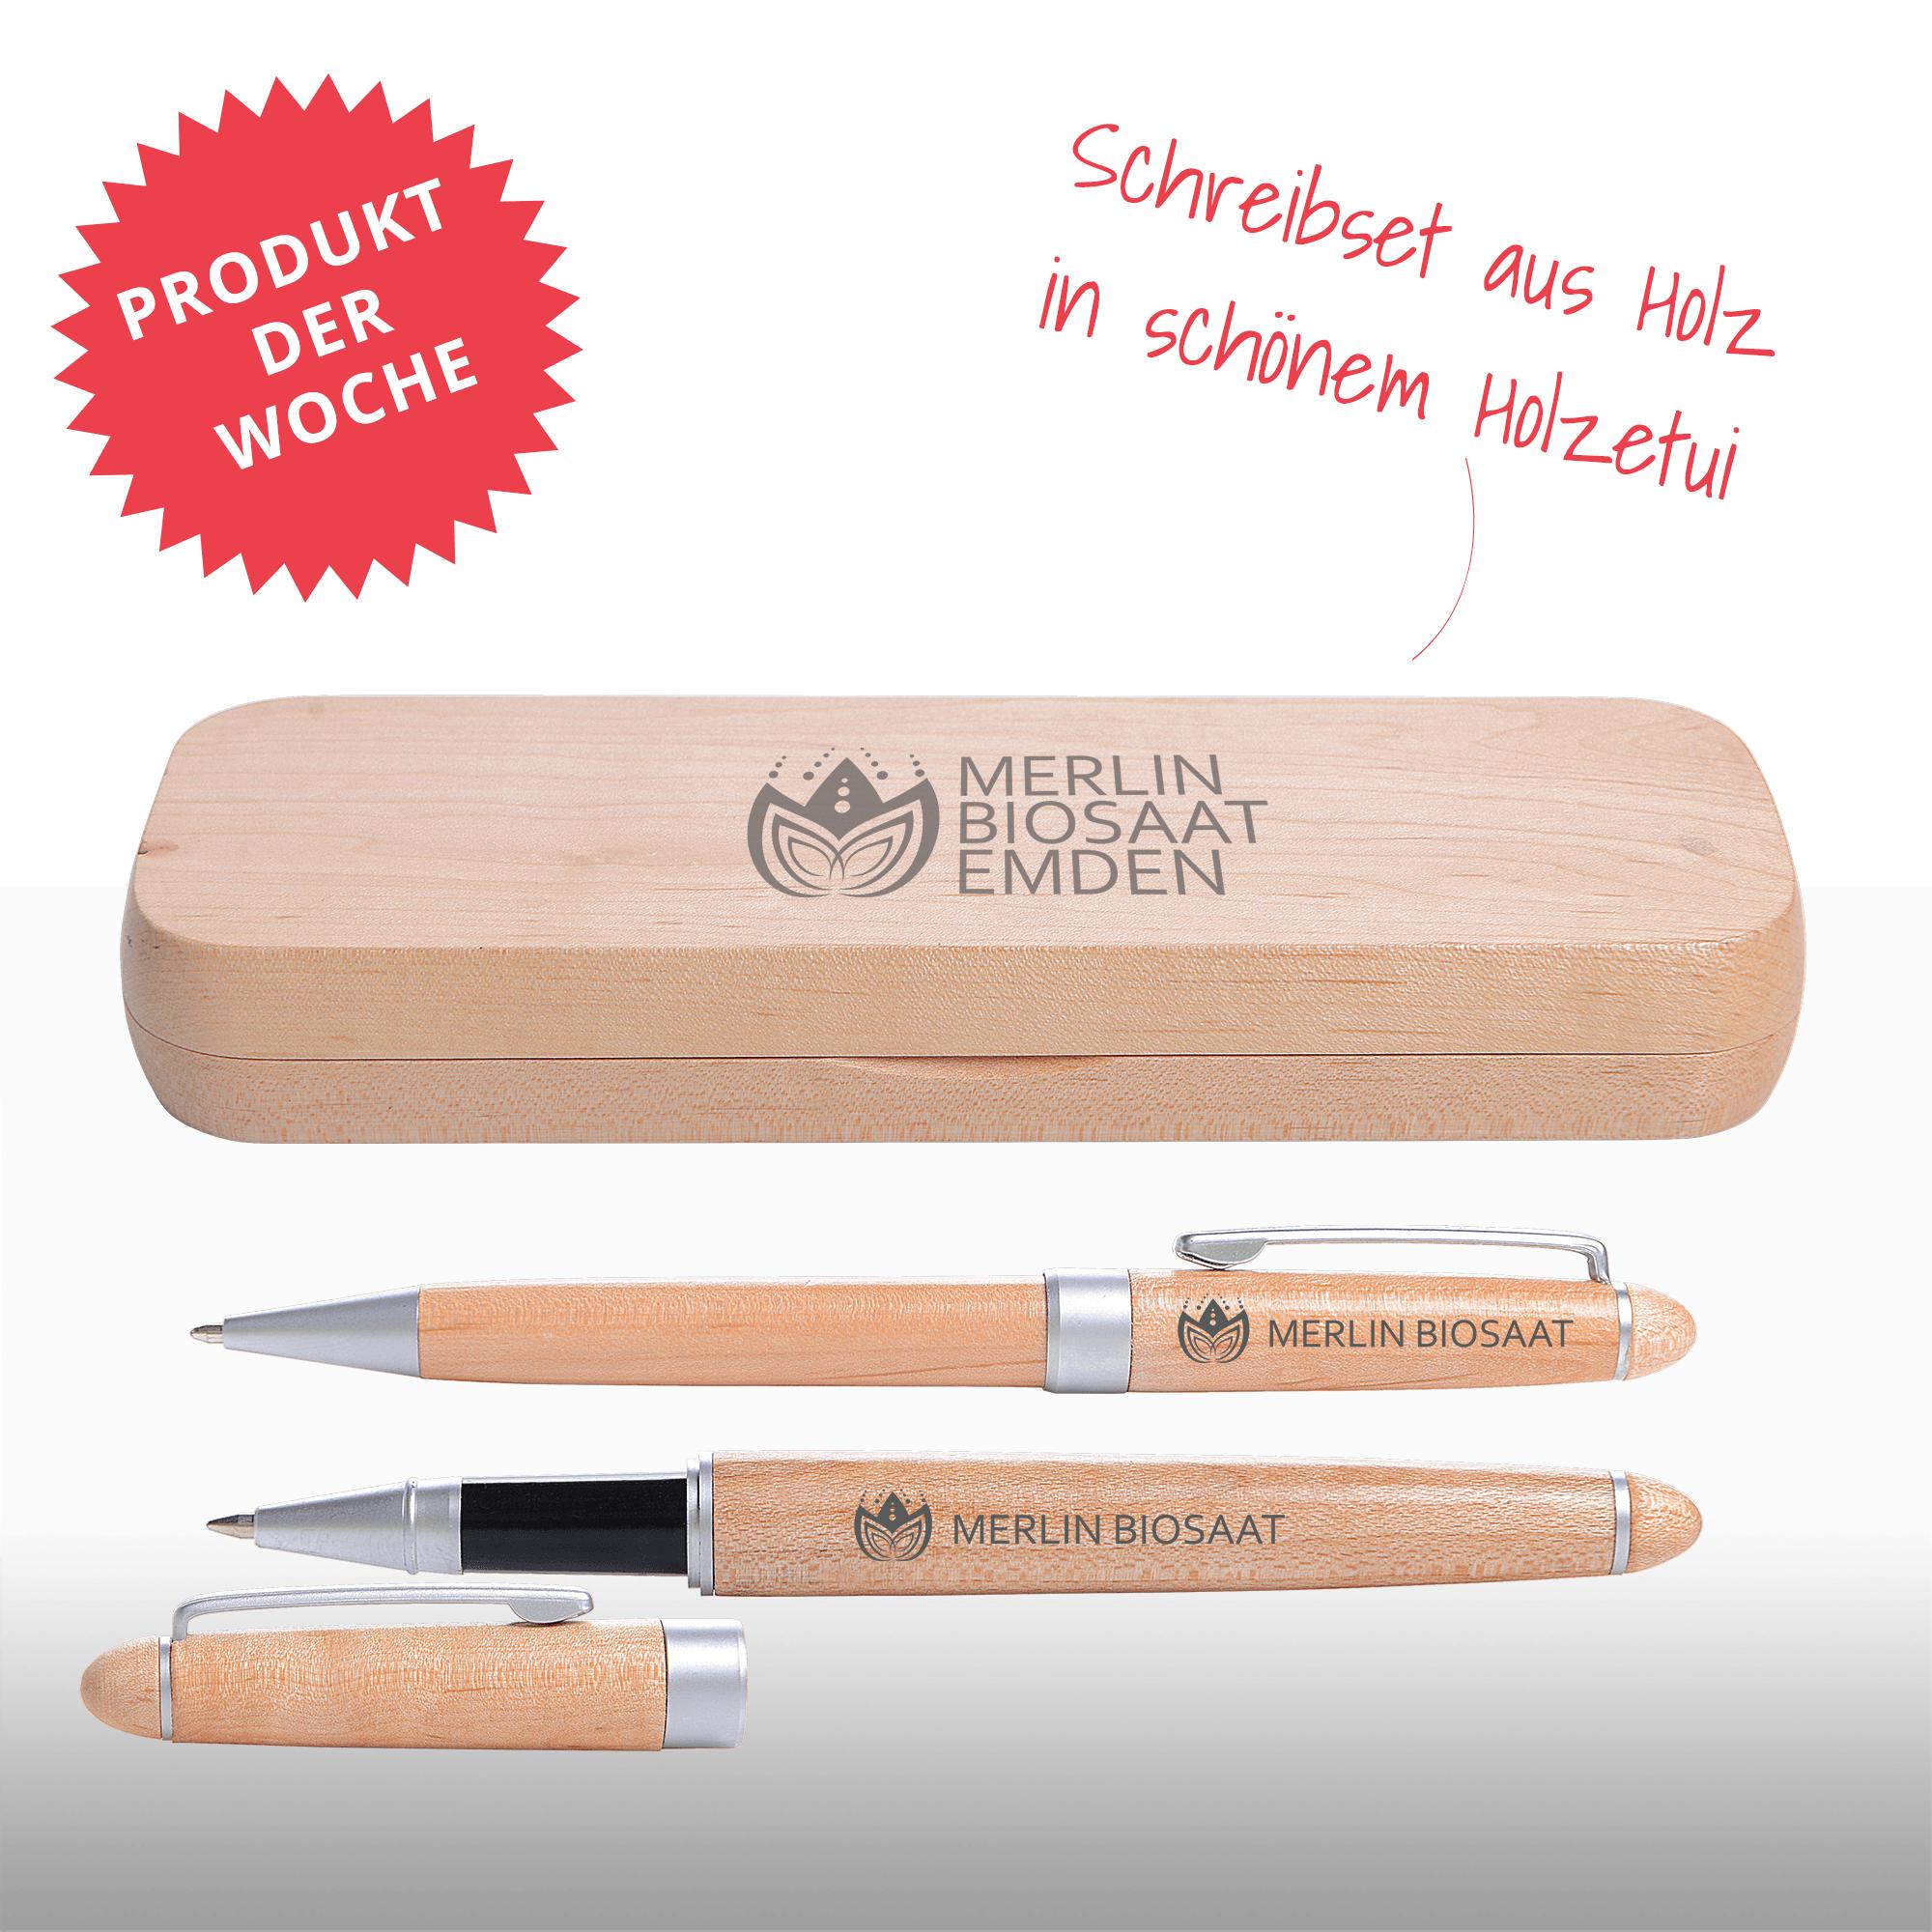 Schreibset bestehend aus einem Kugelschreiber und einem Rollerpen mit Gravur